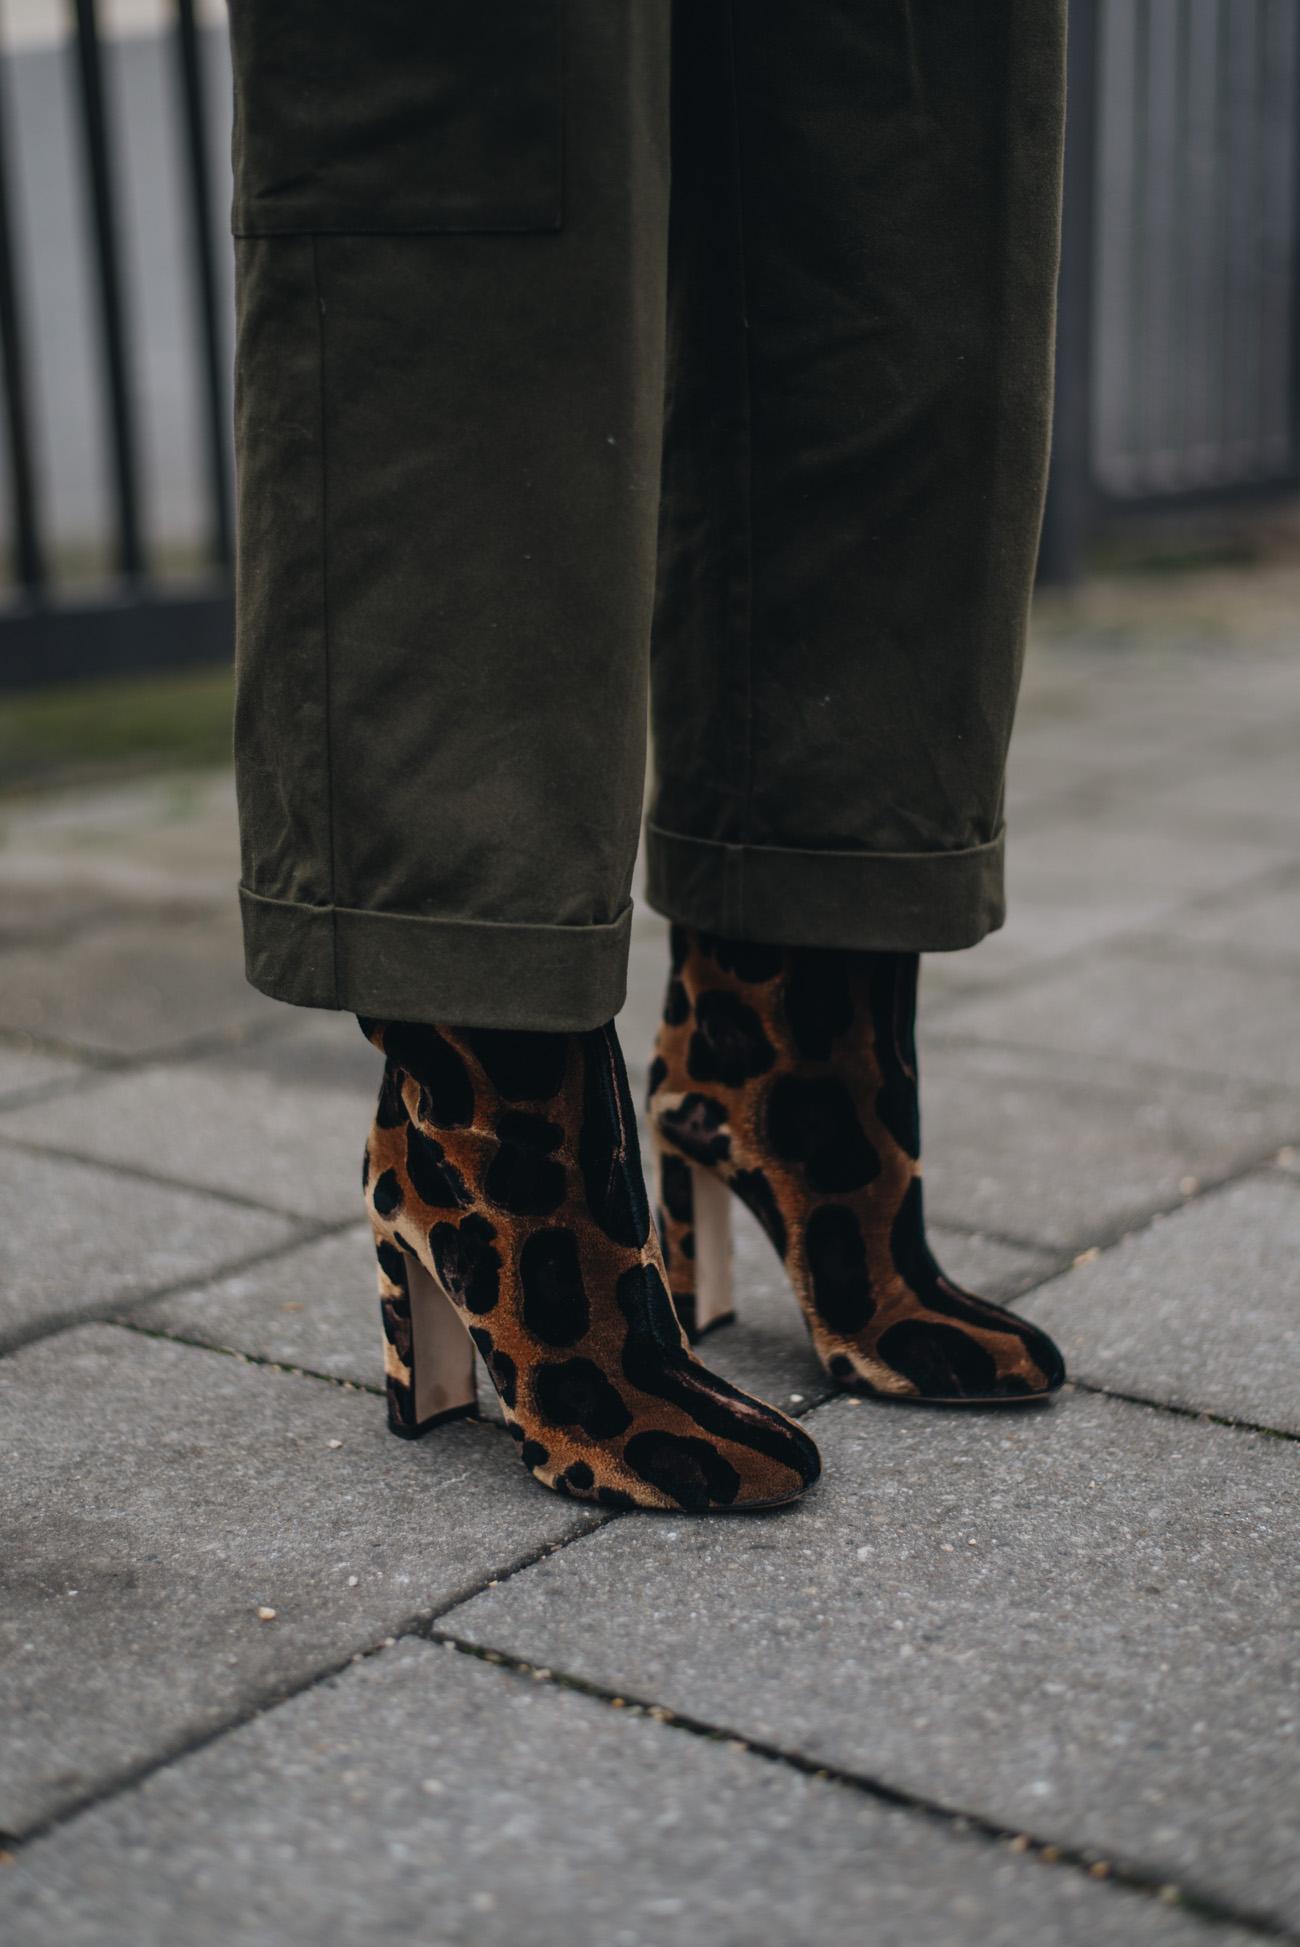 dolce-gabbana-samt-leoparden-stiefeletten-boots-fashion-bloggerin-deutschland-münchen-nina-schwichtenberg-fashiioncarpet